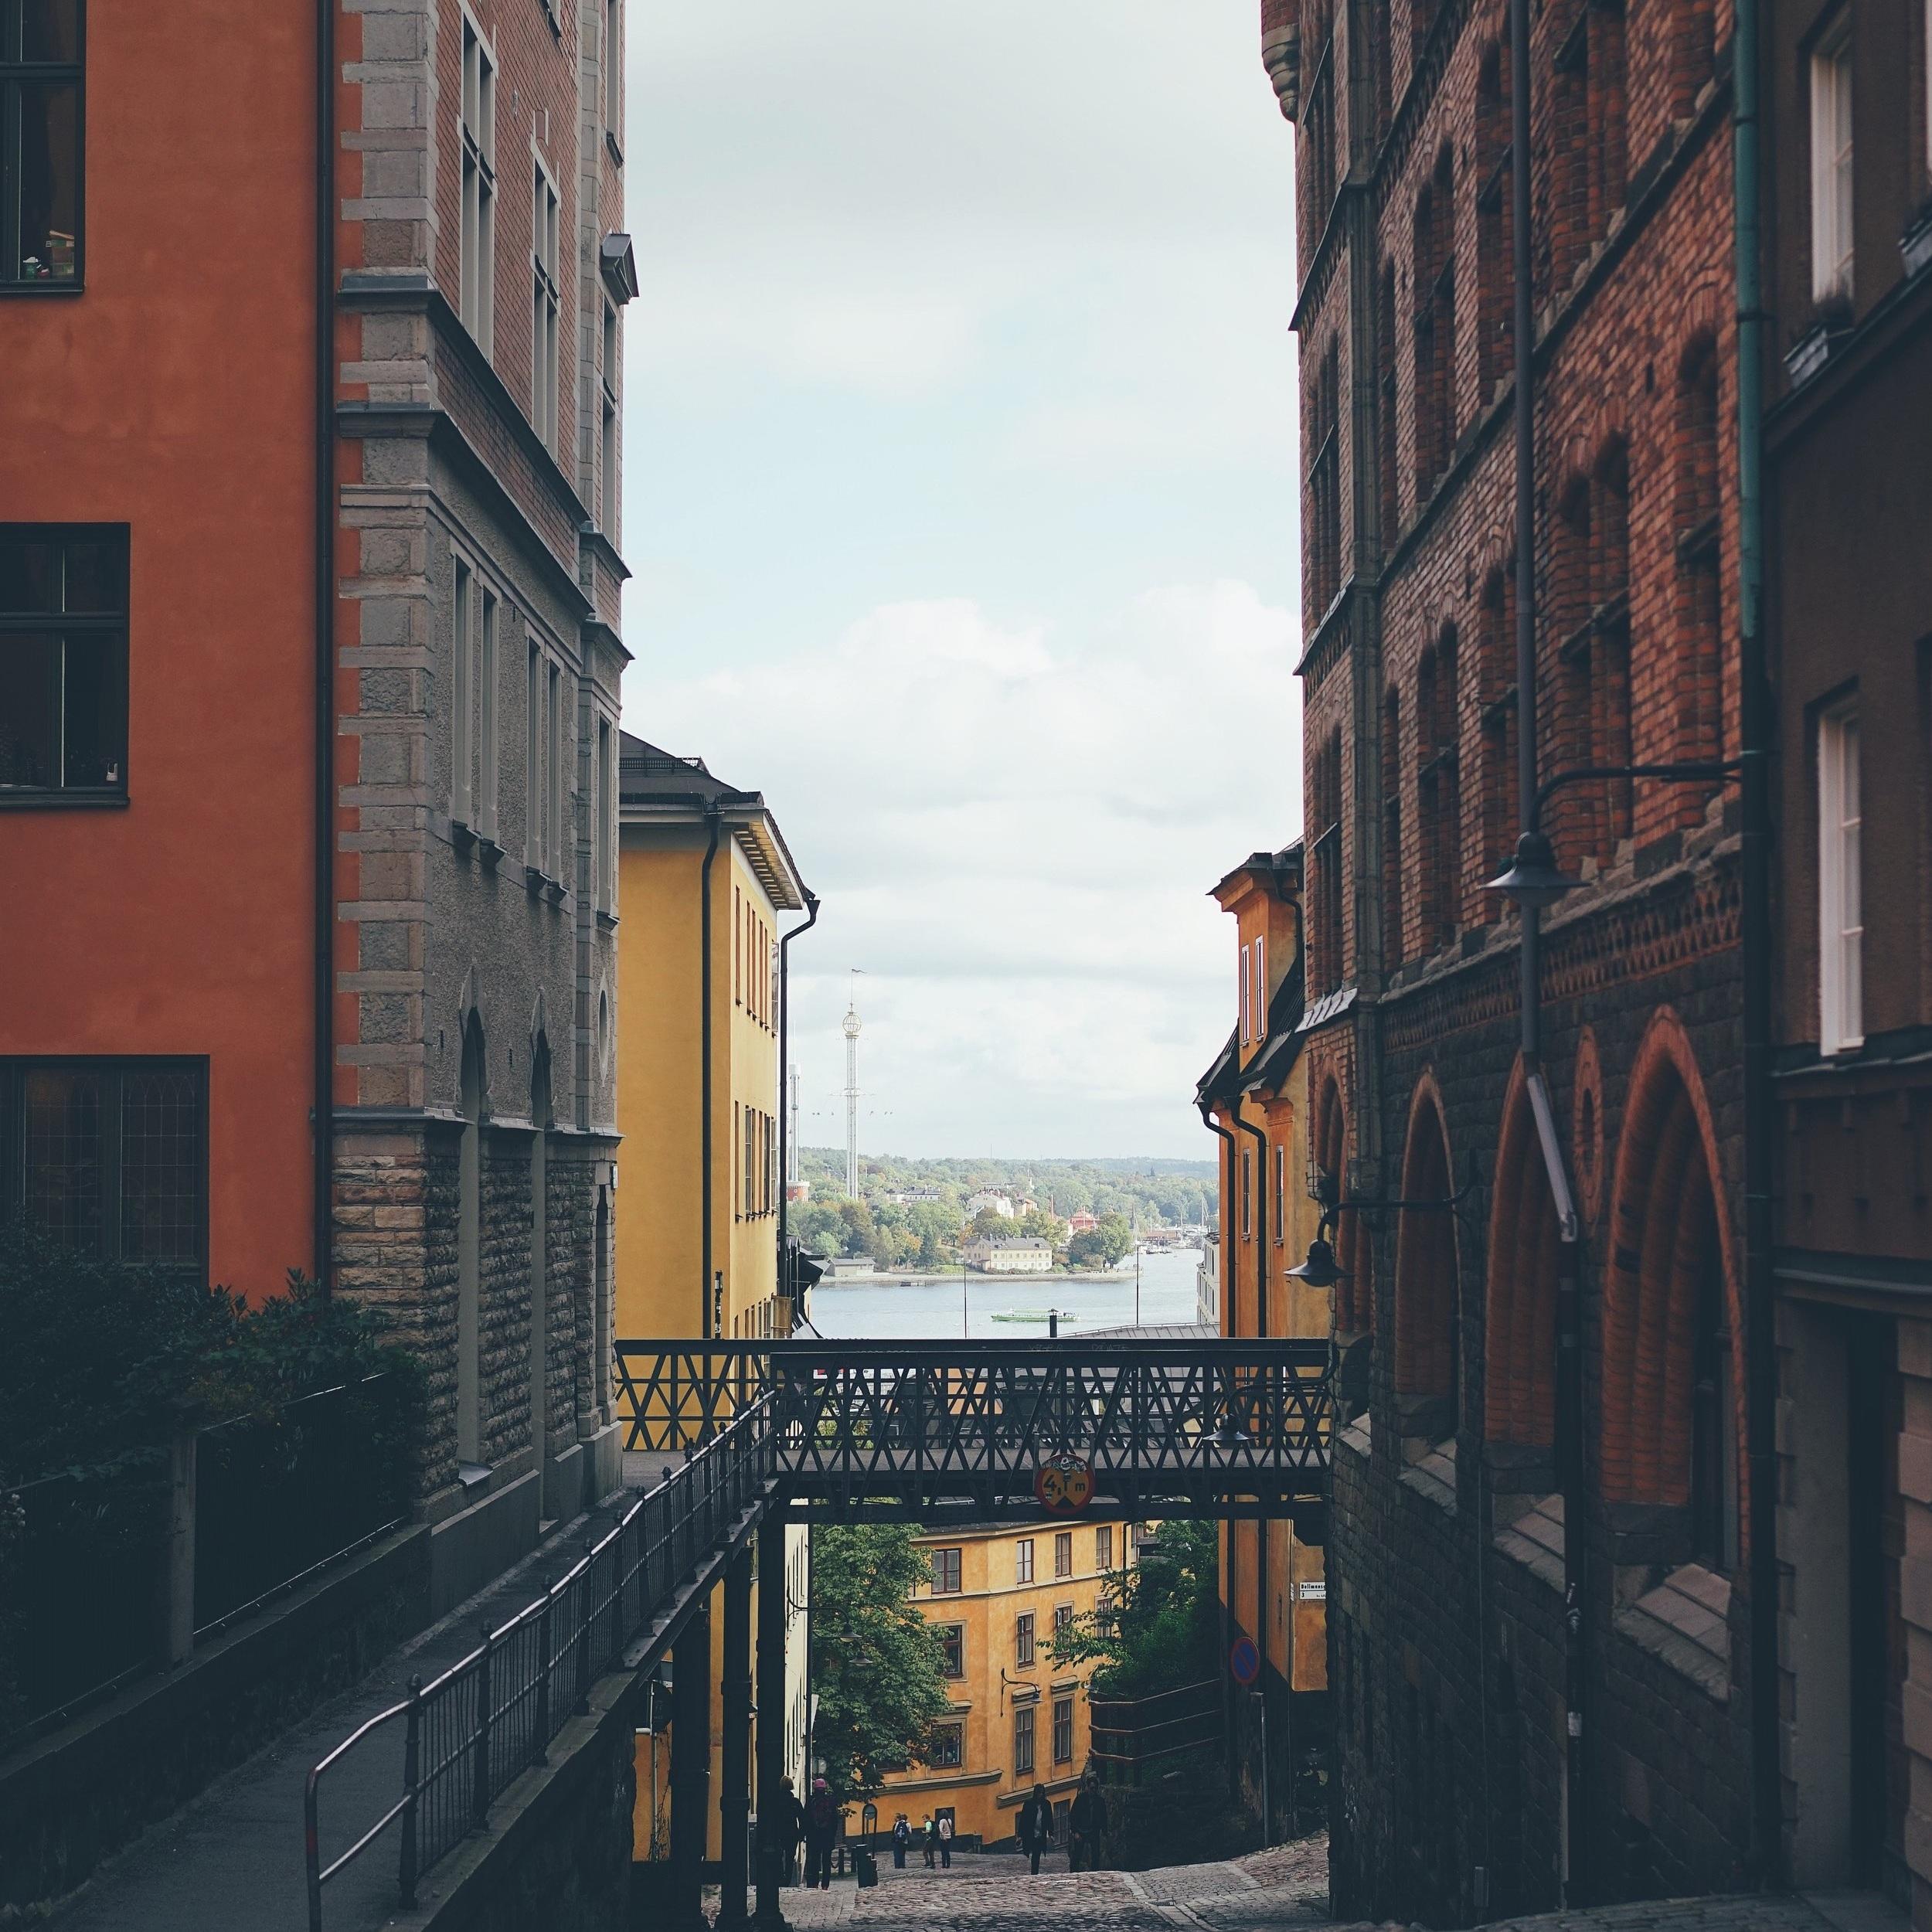 ÖST - Här hittar du våra egna och svenskarnas bästa tips på vackra omvägar, loppisar, bad och barnvänliga platser med mera i östra Sverige.